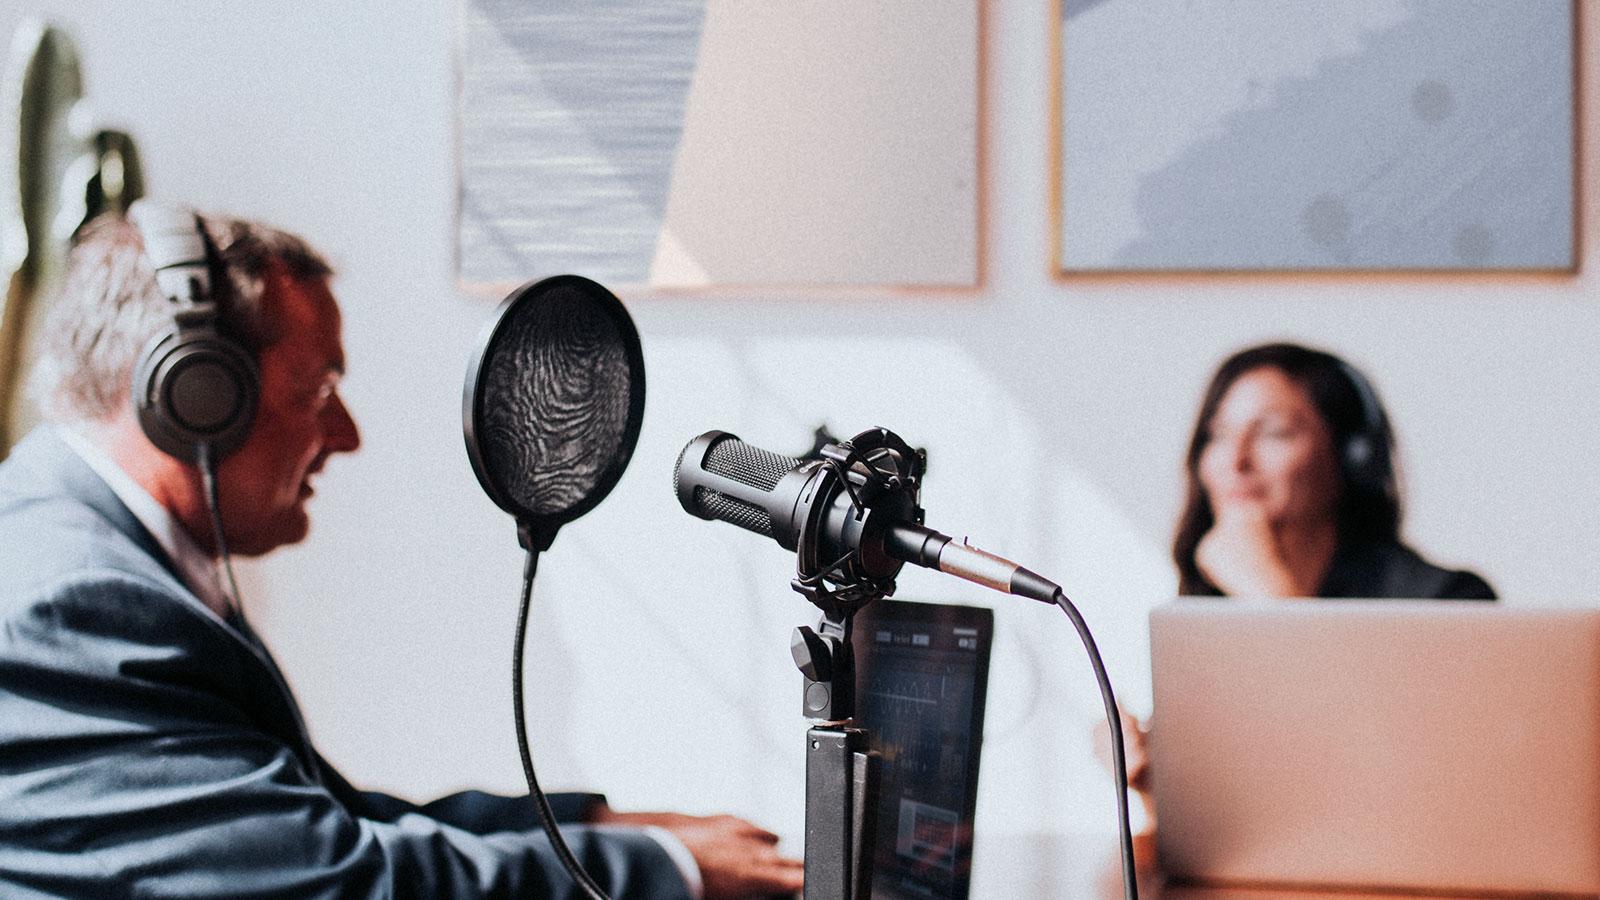 roteiro para entrevista 4 - 3 dicas de roteiro para entrevista em vídeo que vão deixá-lo perfeito